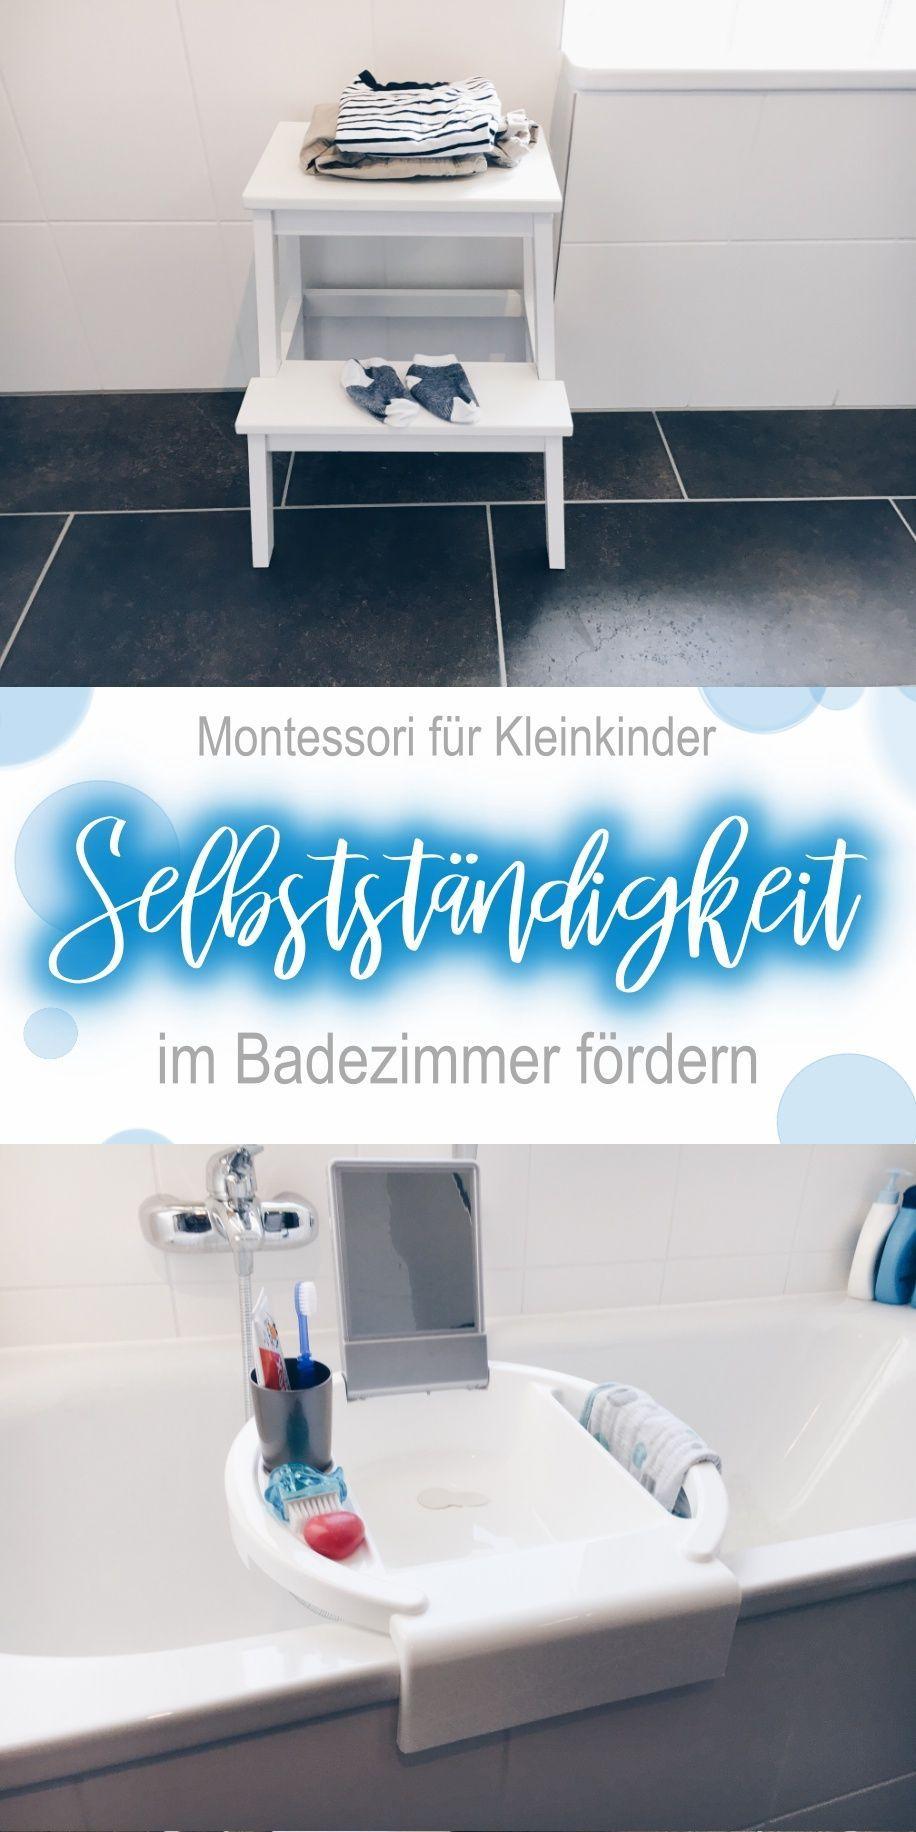 Die Vorbereitete Umgebung Kleinkindern Viel Selbststandigkeit Im Badezimmer Ermoglichen Baby Badezimmer Kinder Und Entwicklung Baby